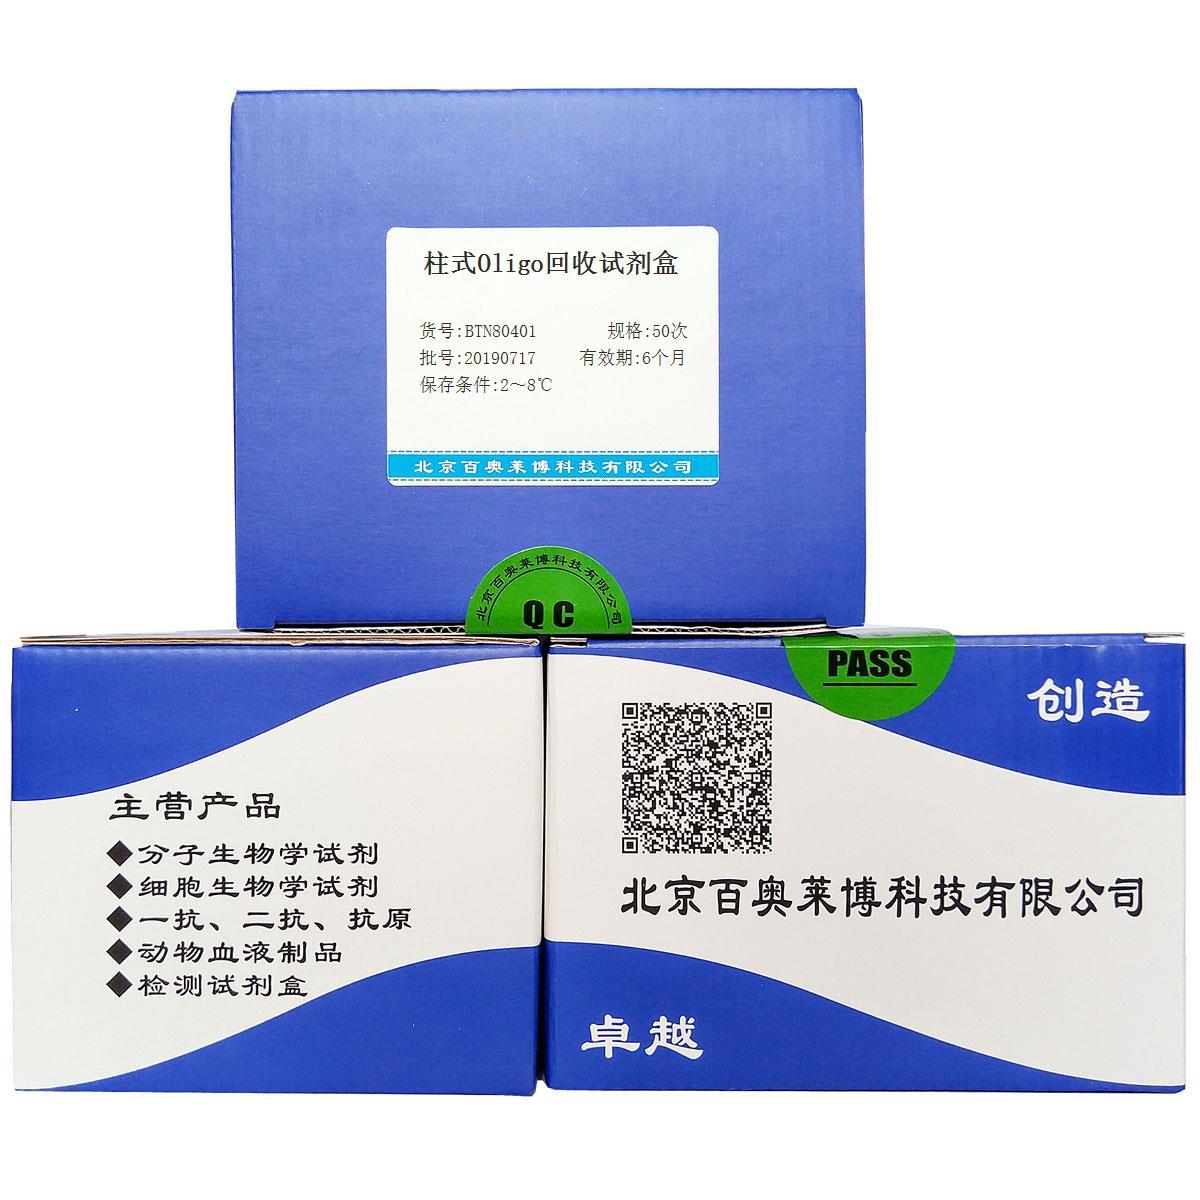 柱式Oligo回收试剂盒北京价格